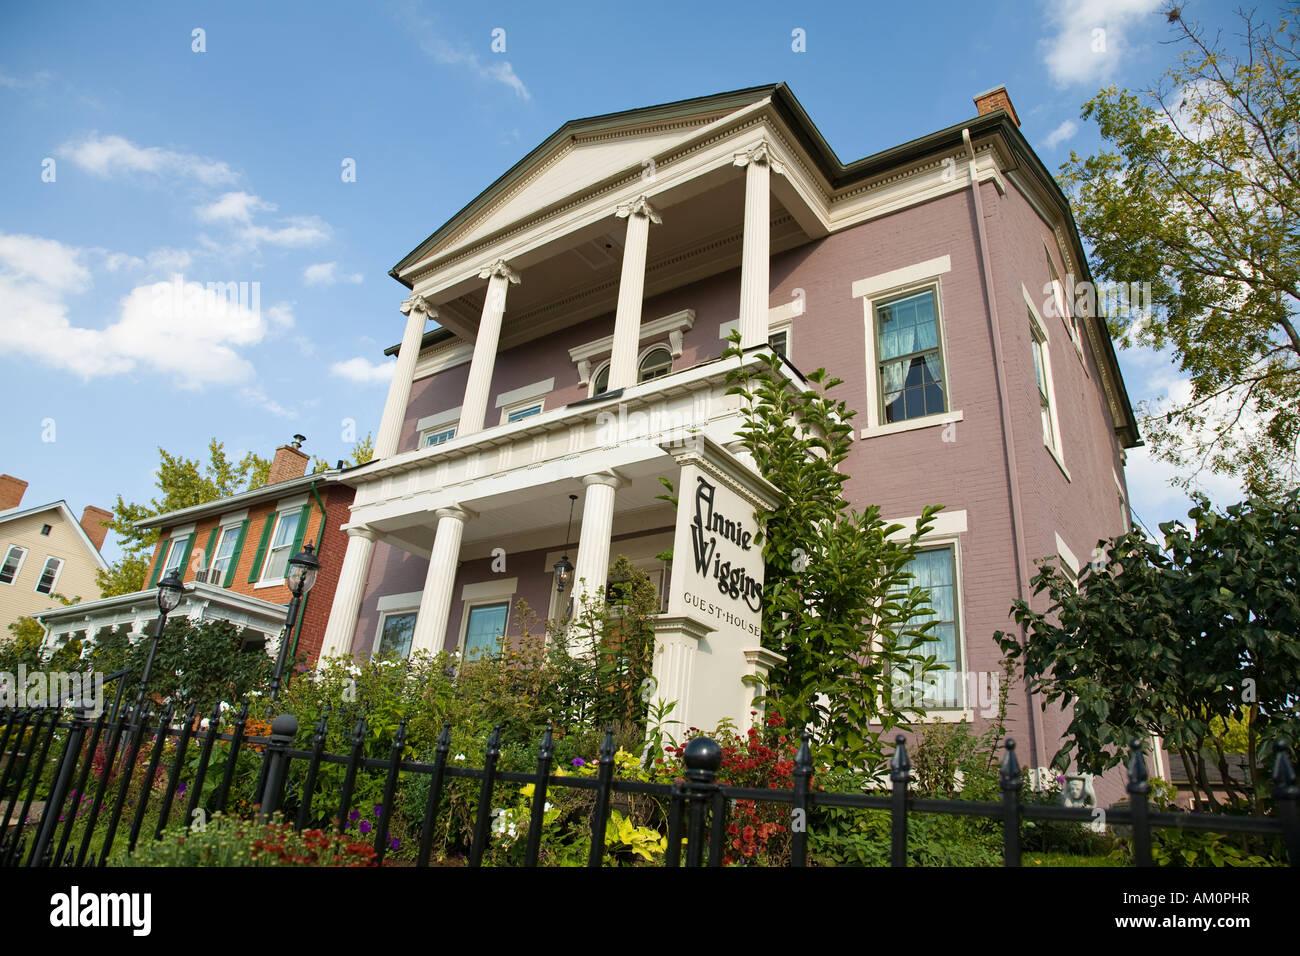 ILLINOIS Galena Exterior de Annie Wiggins guest house bed and breakfast cercas de hierro forjado y jardín Foto de stock